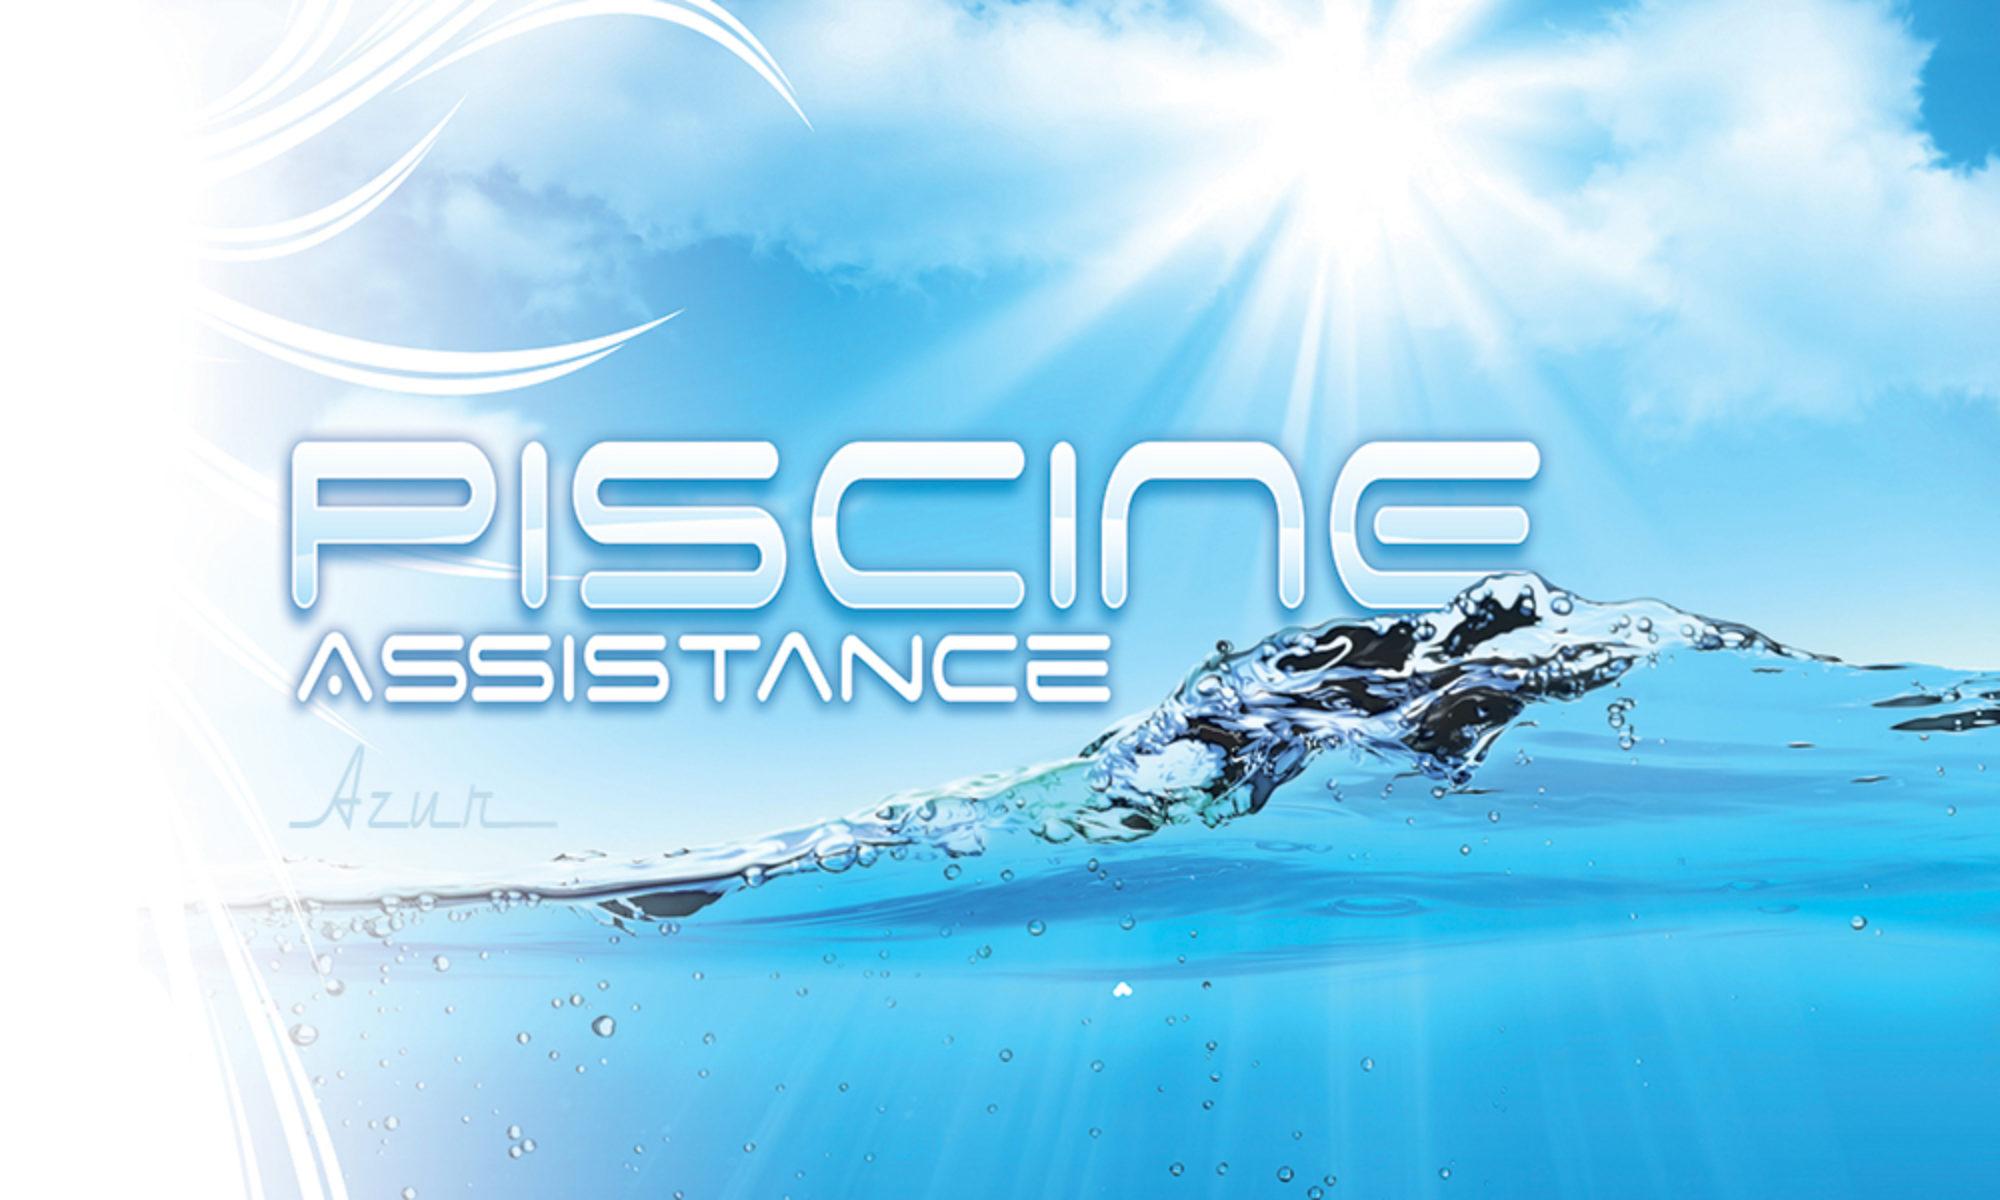 Piscine Assistance